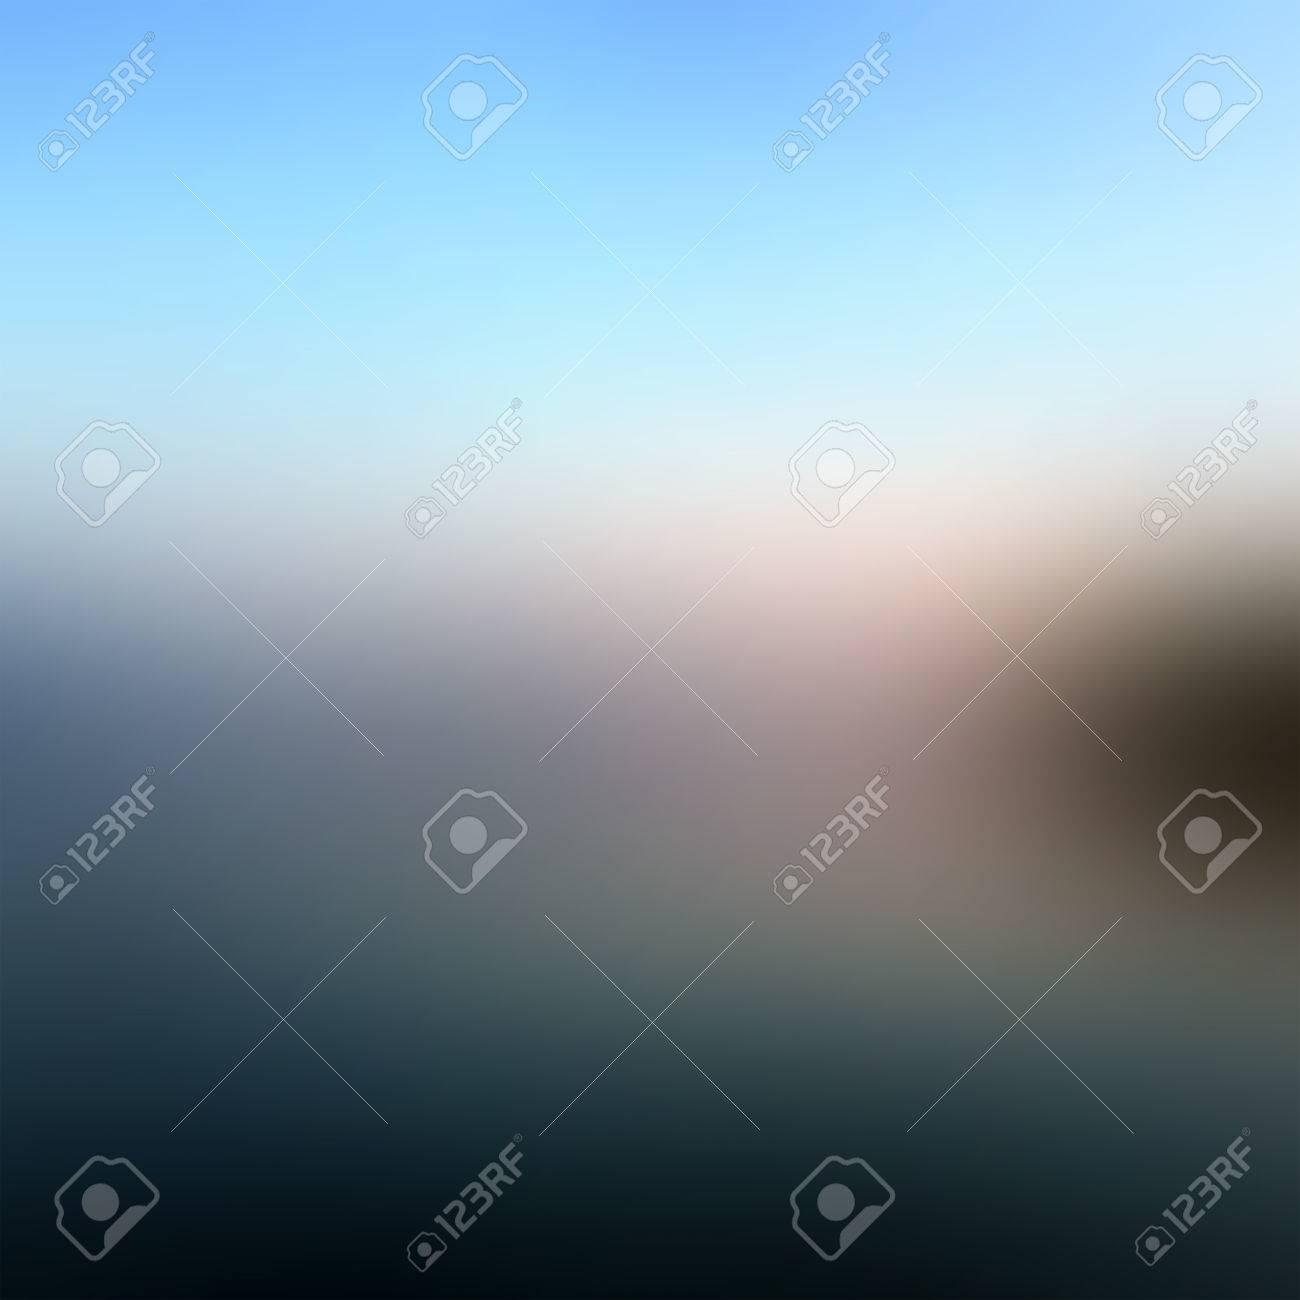 Background. Blurred Defocused Lights - 39575251